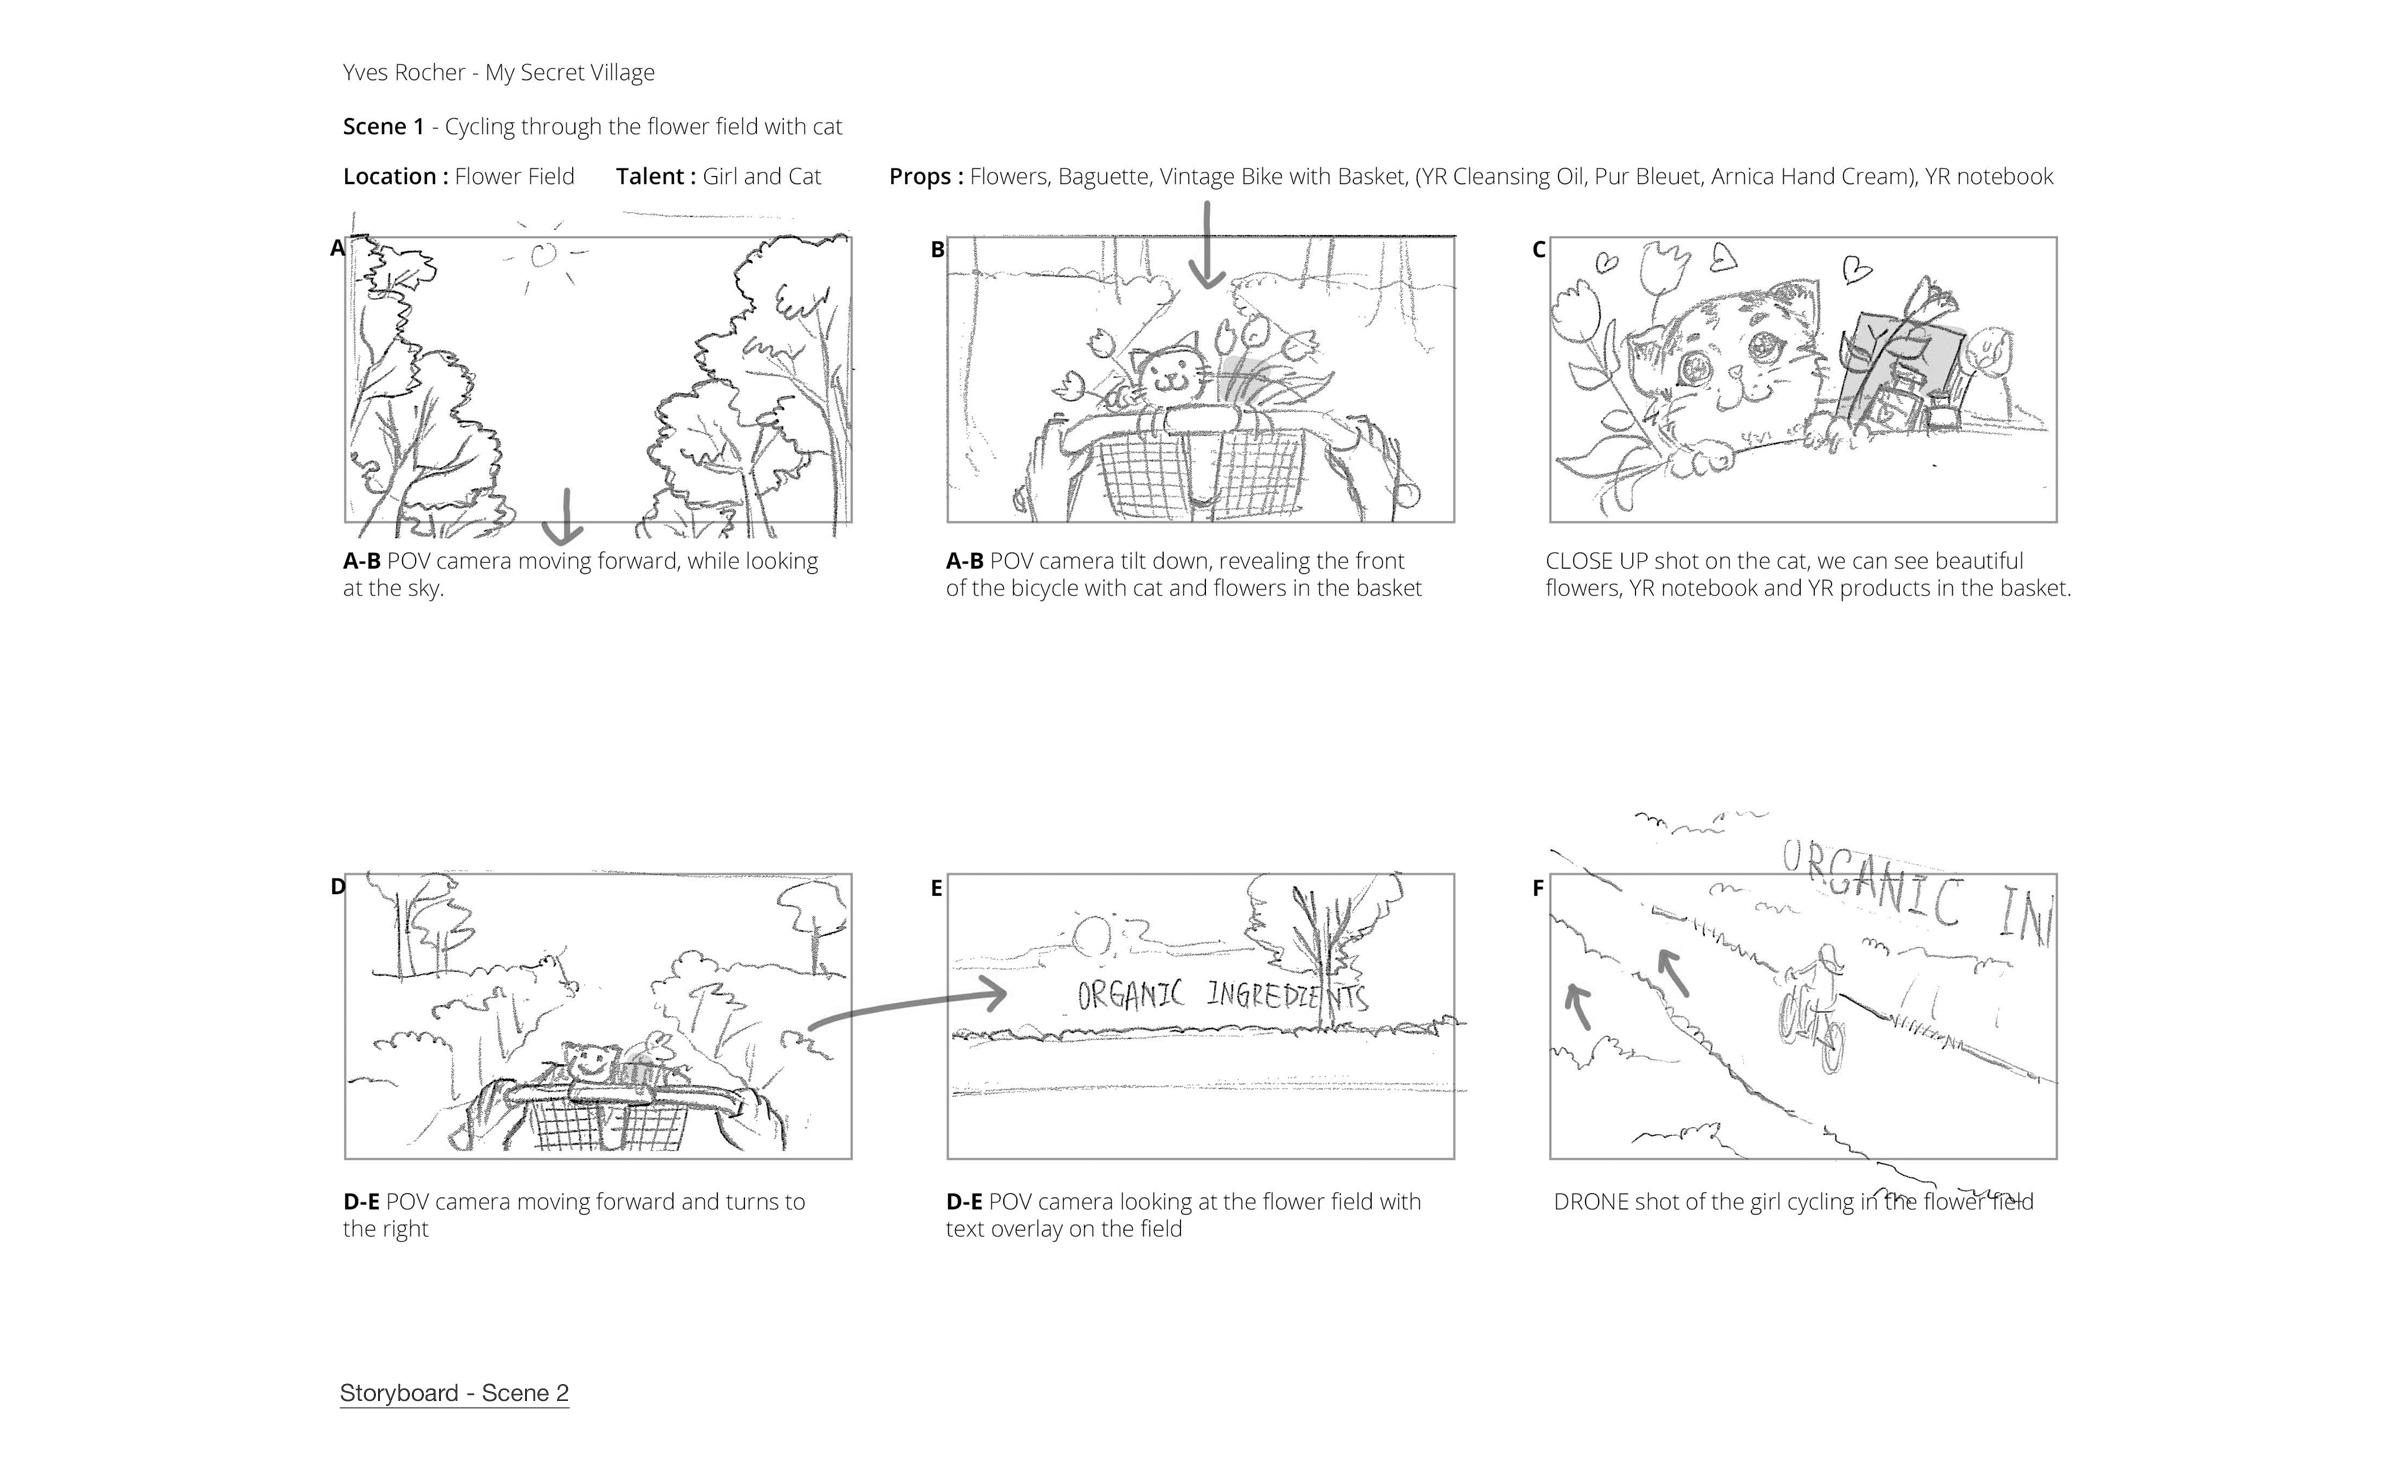 yr_secretvillage_storyboard03